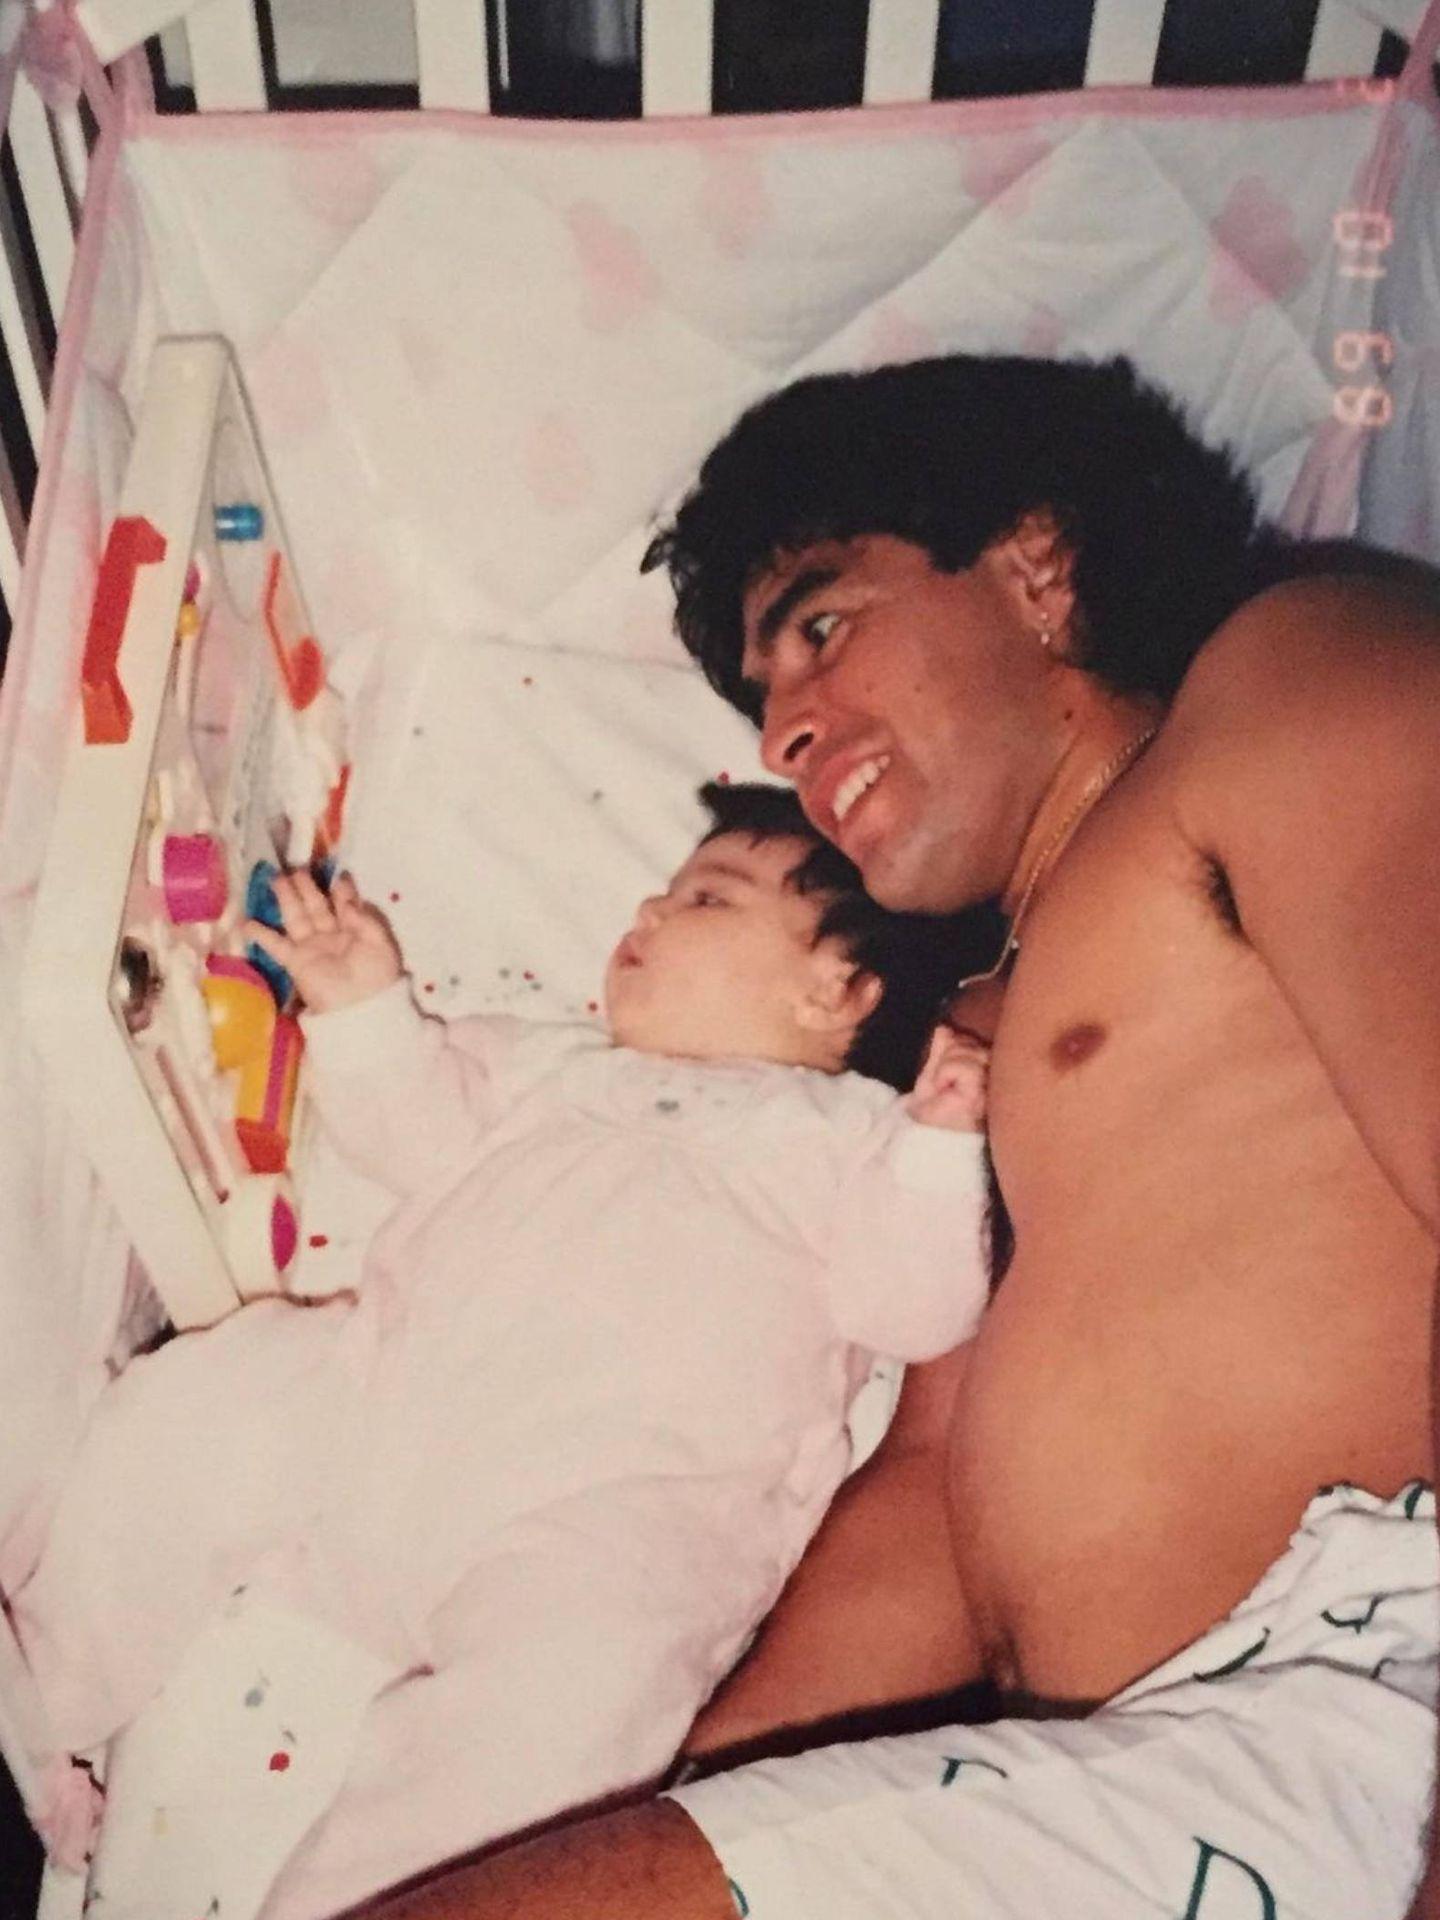 Gia recuerda a su padre en las redes sociales. (Instagram @giamaradona)